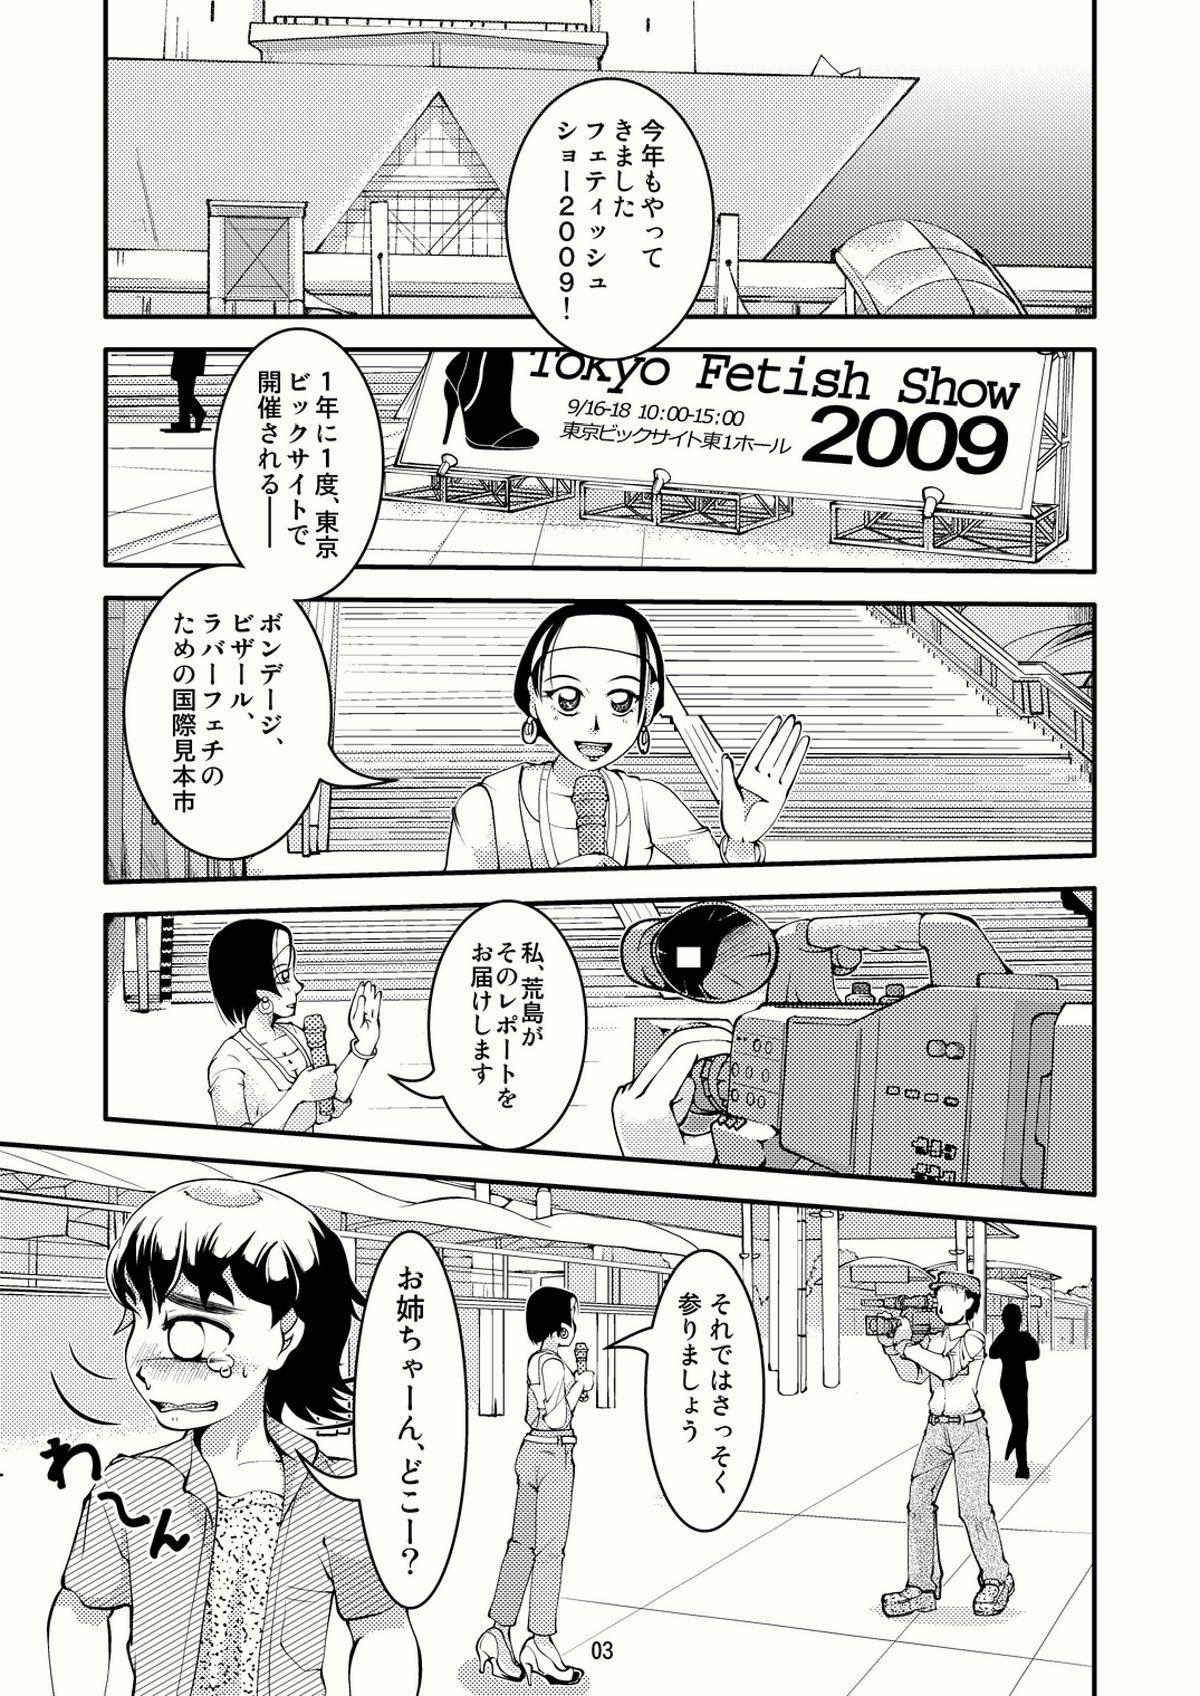 Tokyo Fetish Show 2009 1